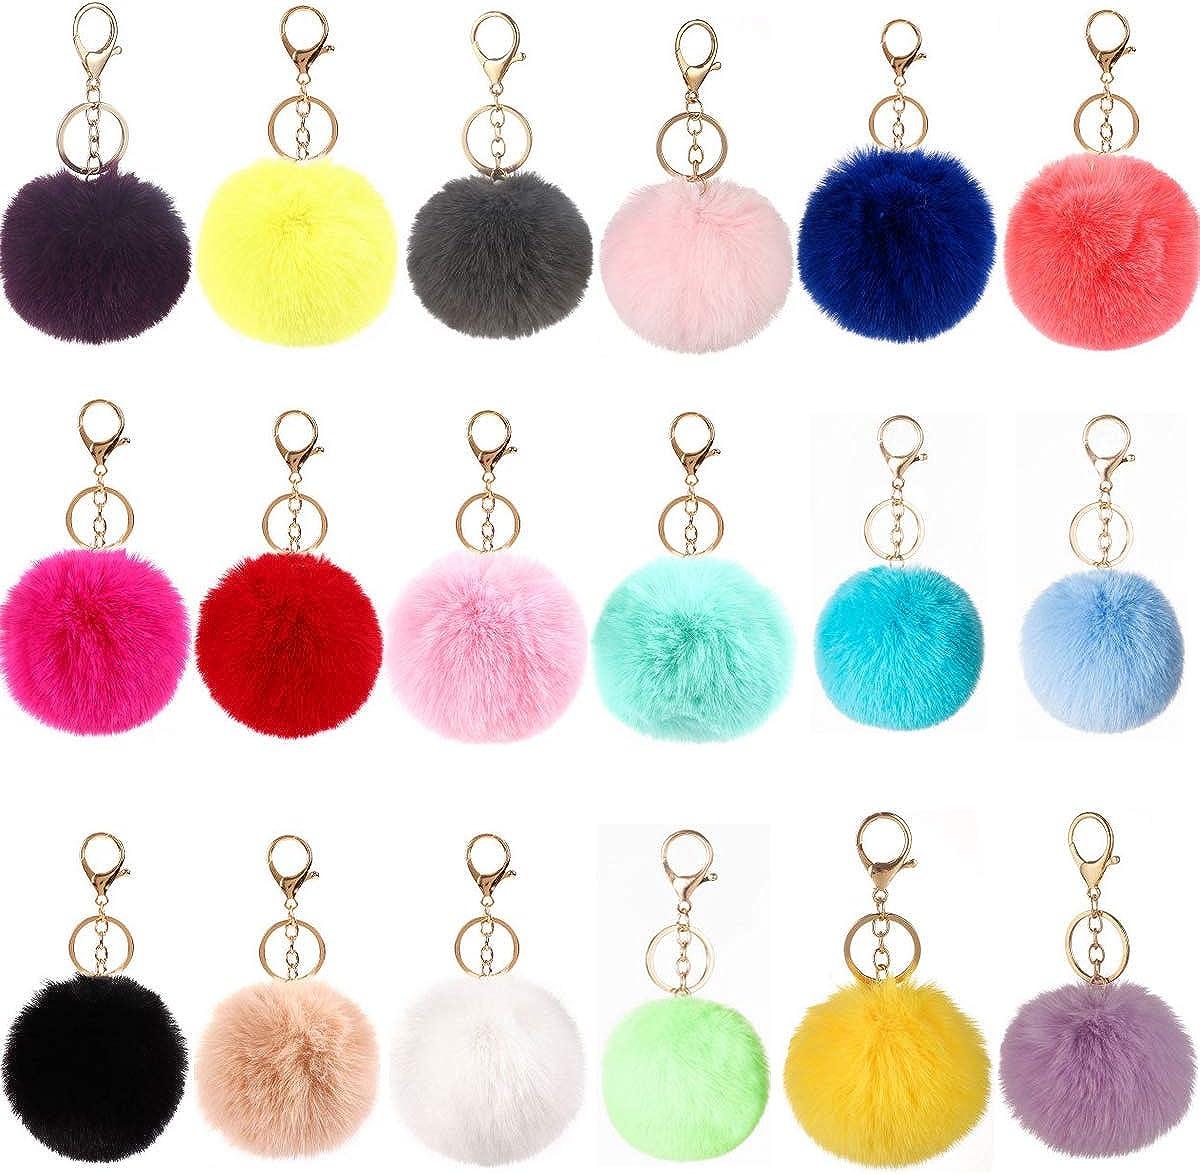 18PCS Pom Pom Keychains Faux Rabbit Fur Ball for Car Key Ring Phone Handbag Charm Tote Pendant